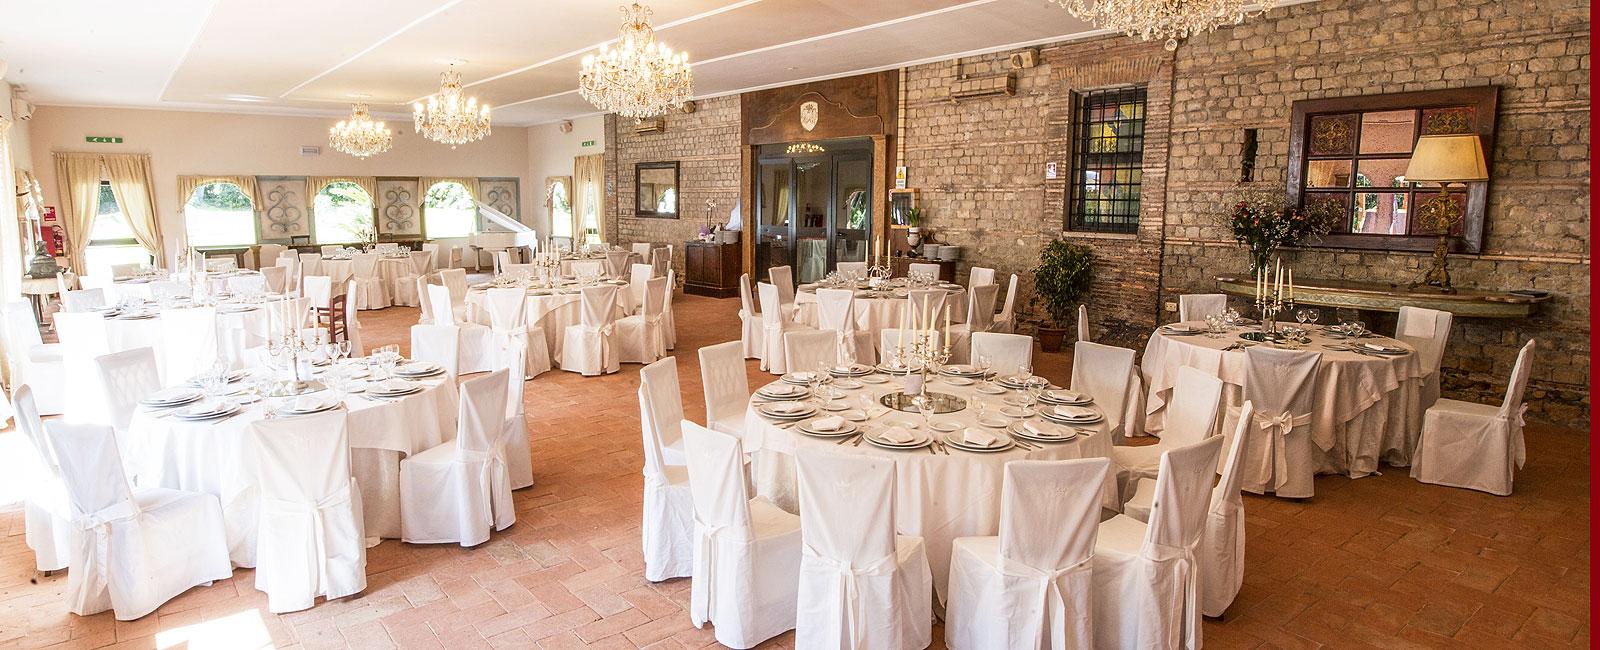 Matrimoni Romani Antichi : Location per matrimoni feste ed eventi aziendali a roma